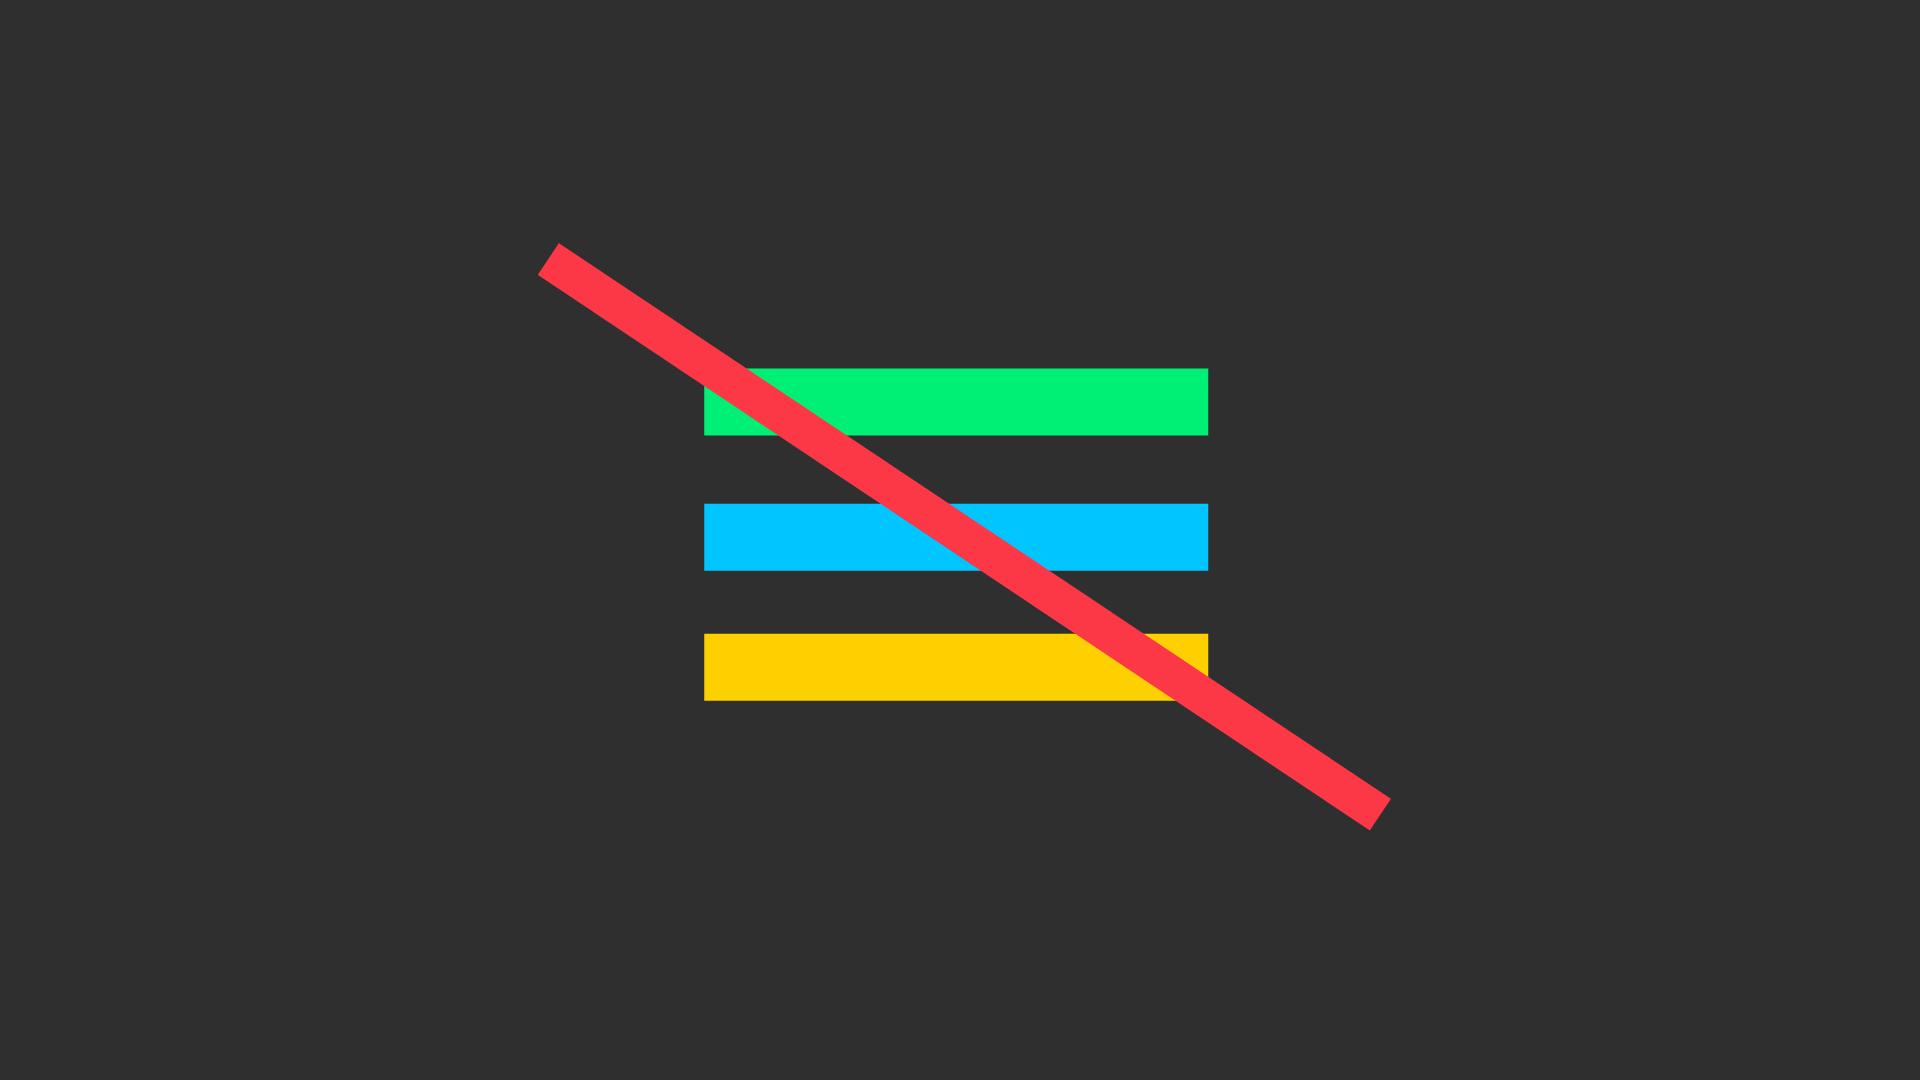 Google Play Store elimina il menu hamburger dall'interfaccia utente (foto)